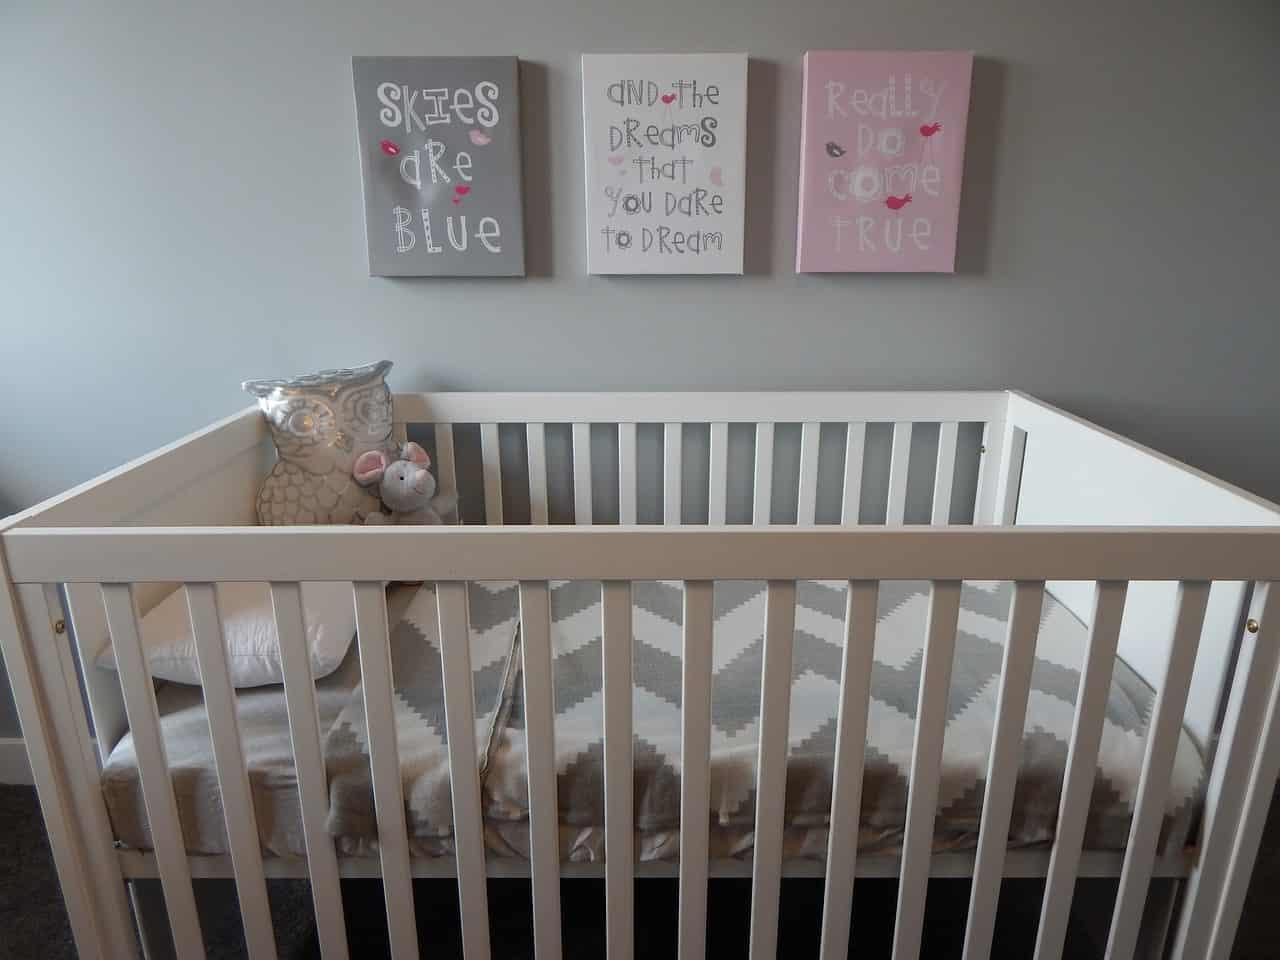 Foto mostra um berço branco vazio. Ele está preparado com lençol, travesseiro e brinquedos. Na parede atrás dele, existem três quadros.